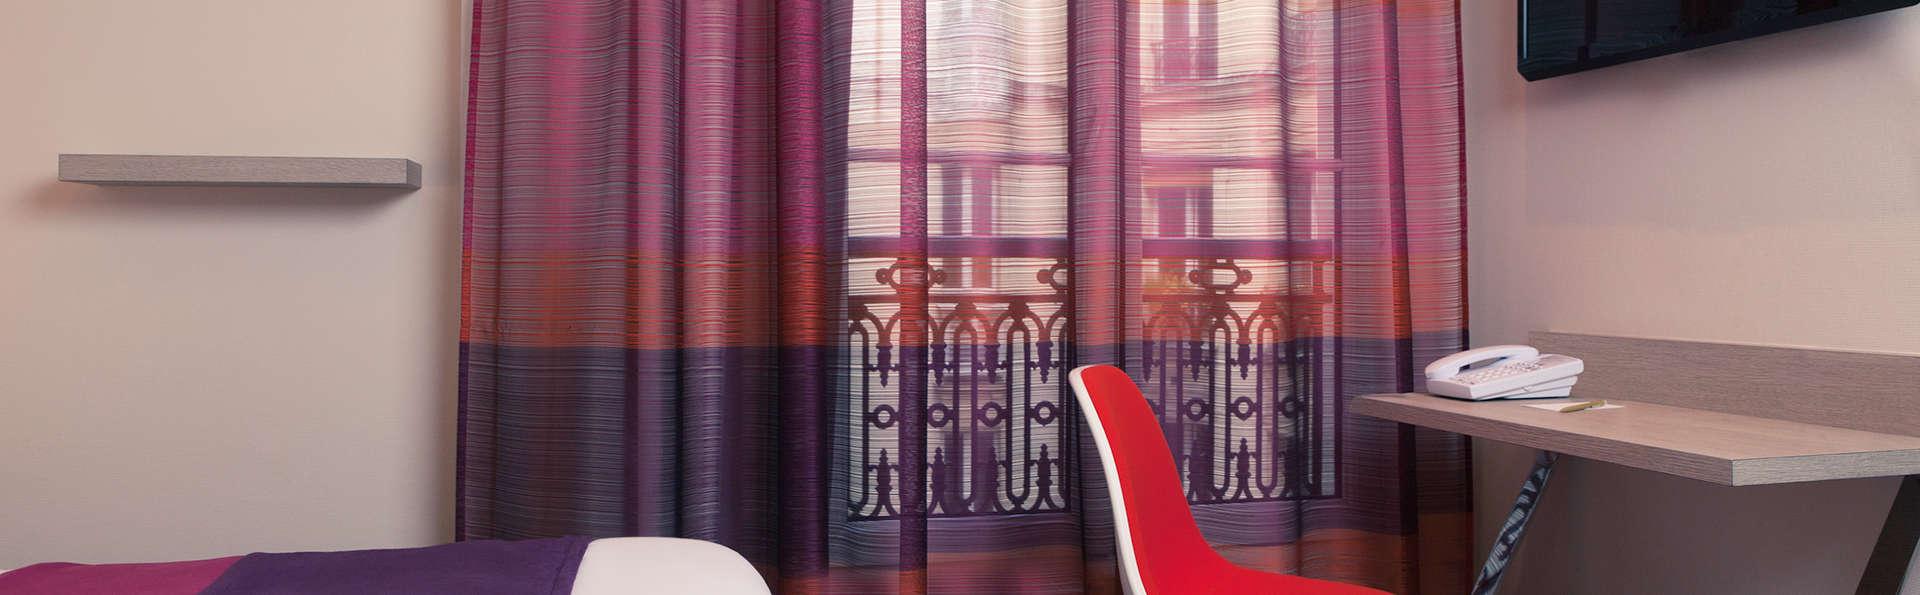 Ambiance moderne dans le quartier de Montparnasse